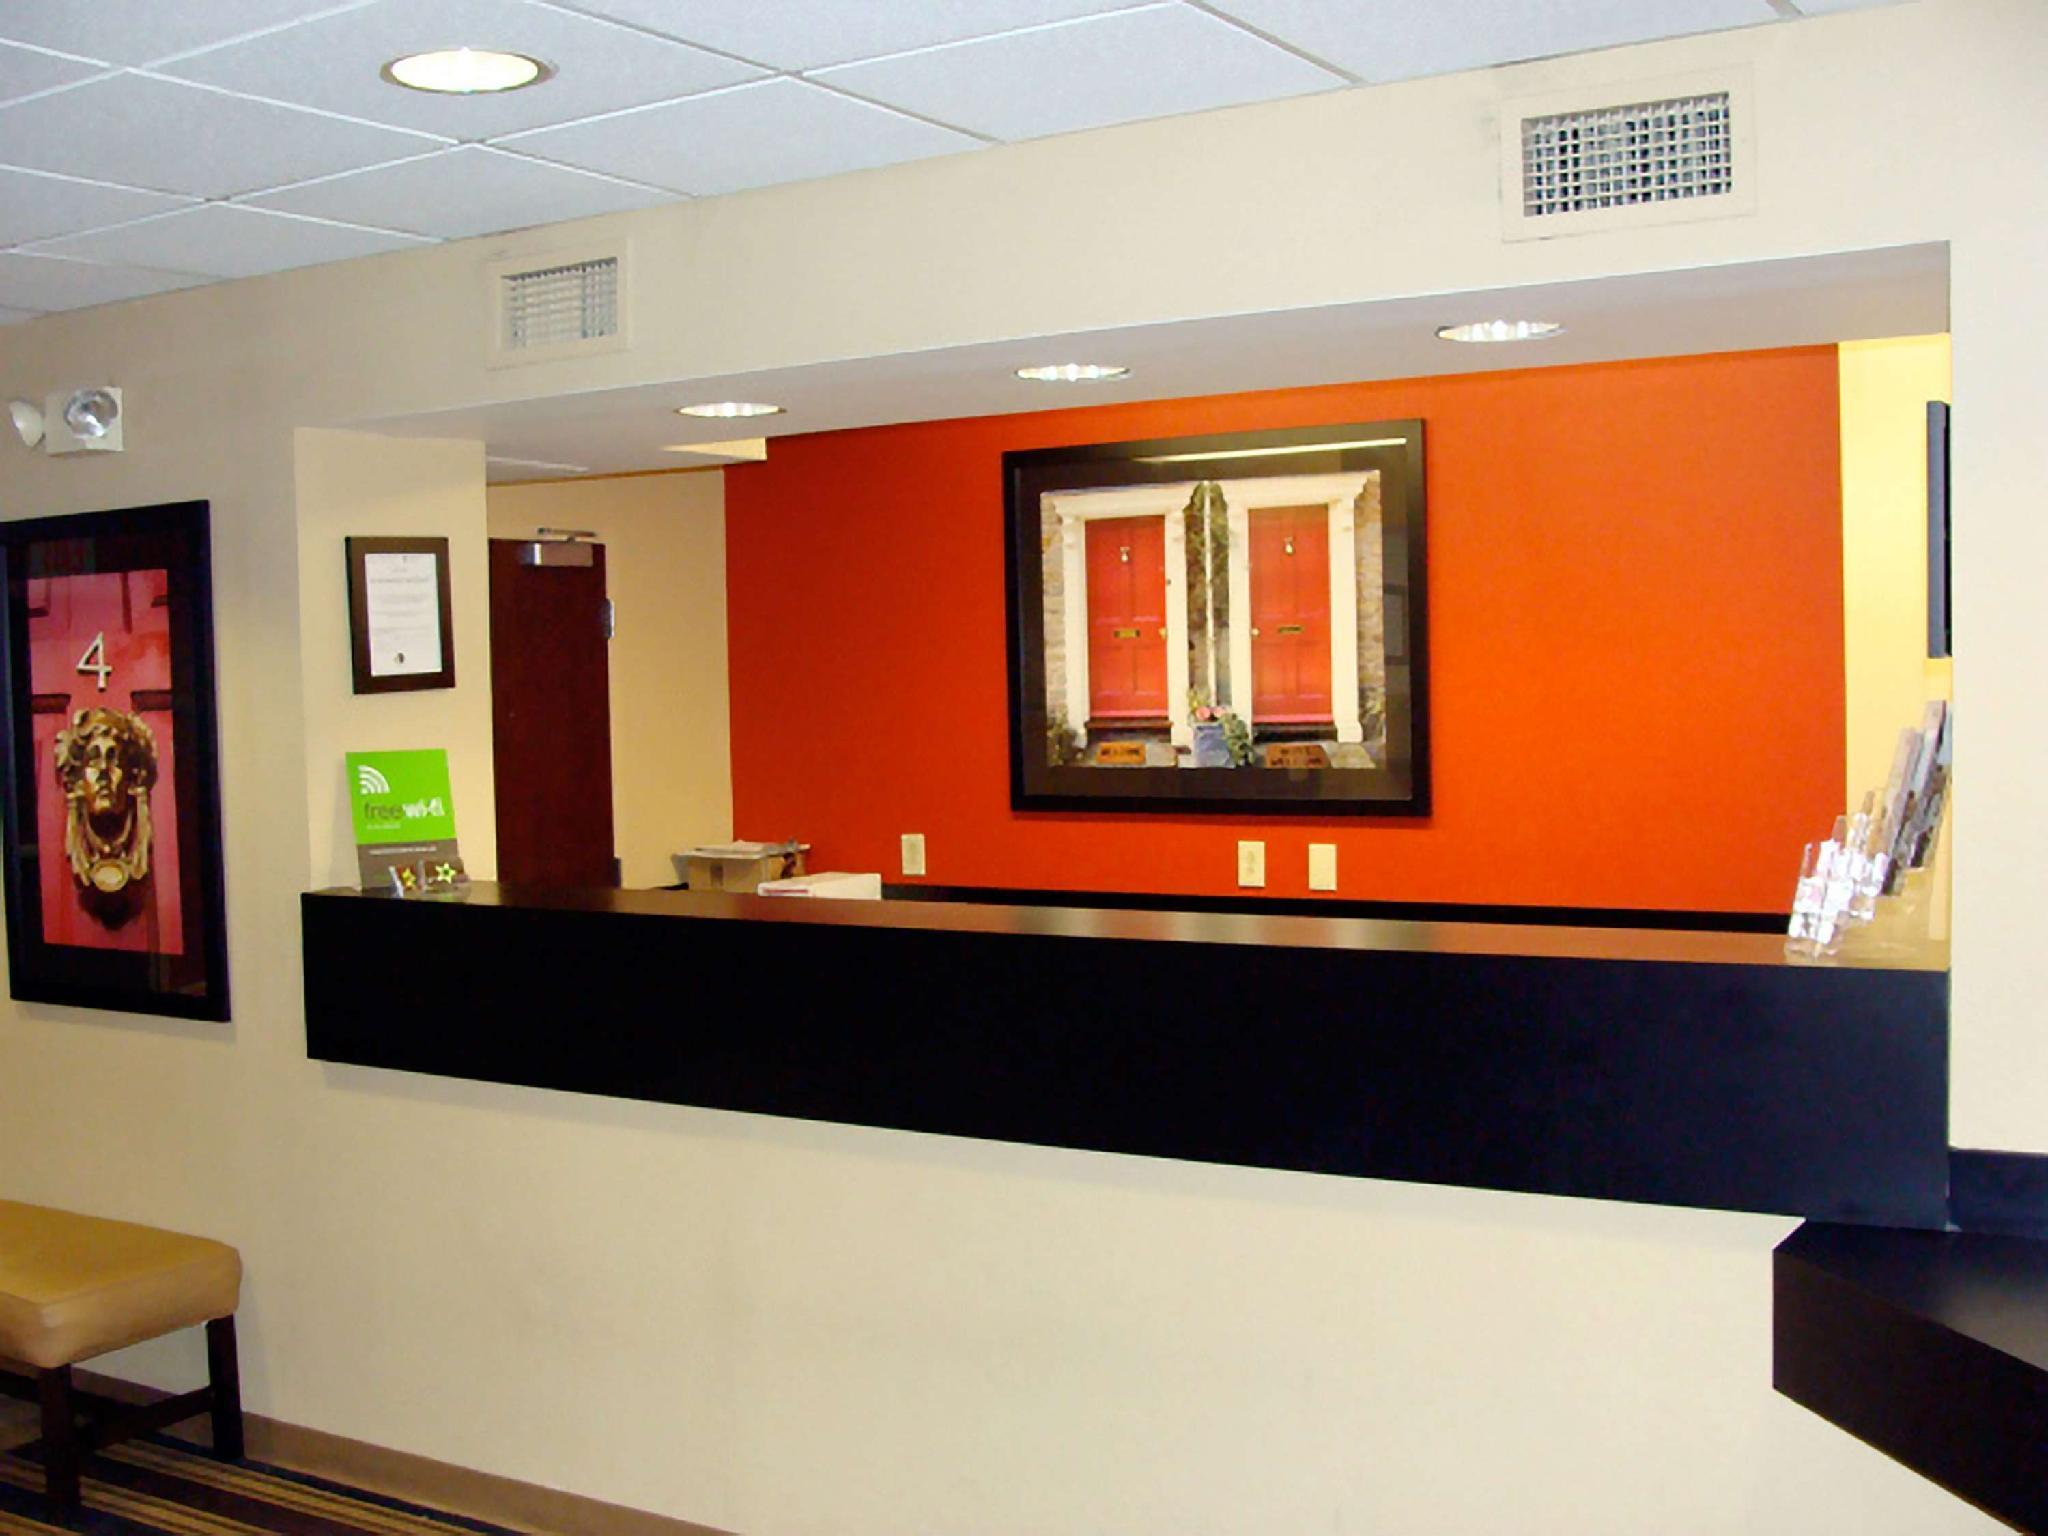 Extended Stay America Edison Raritan Center